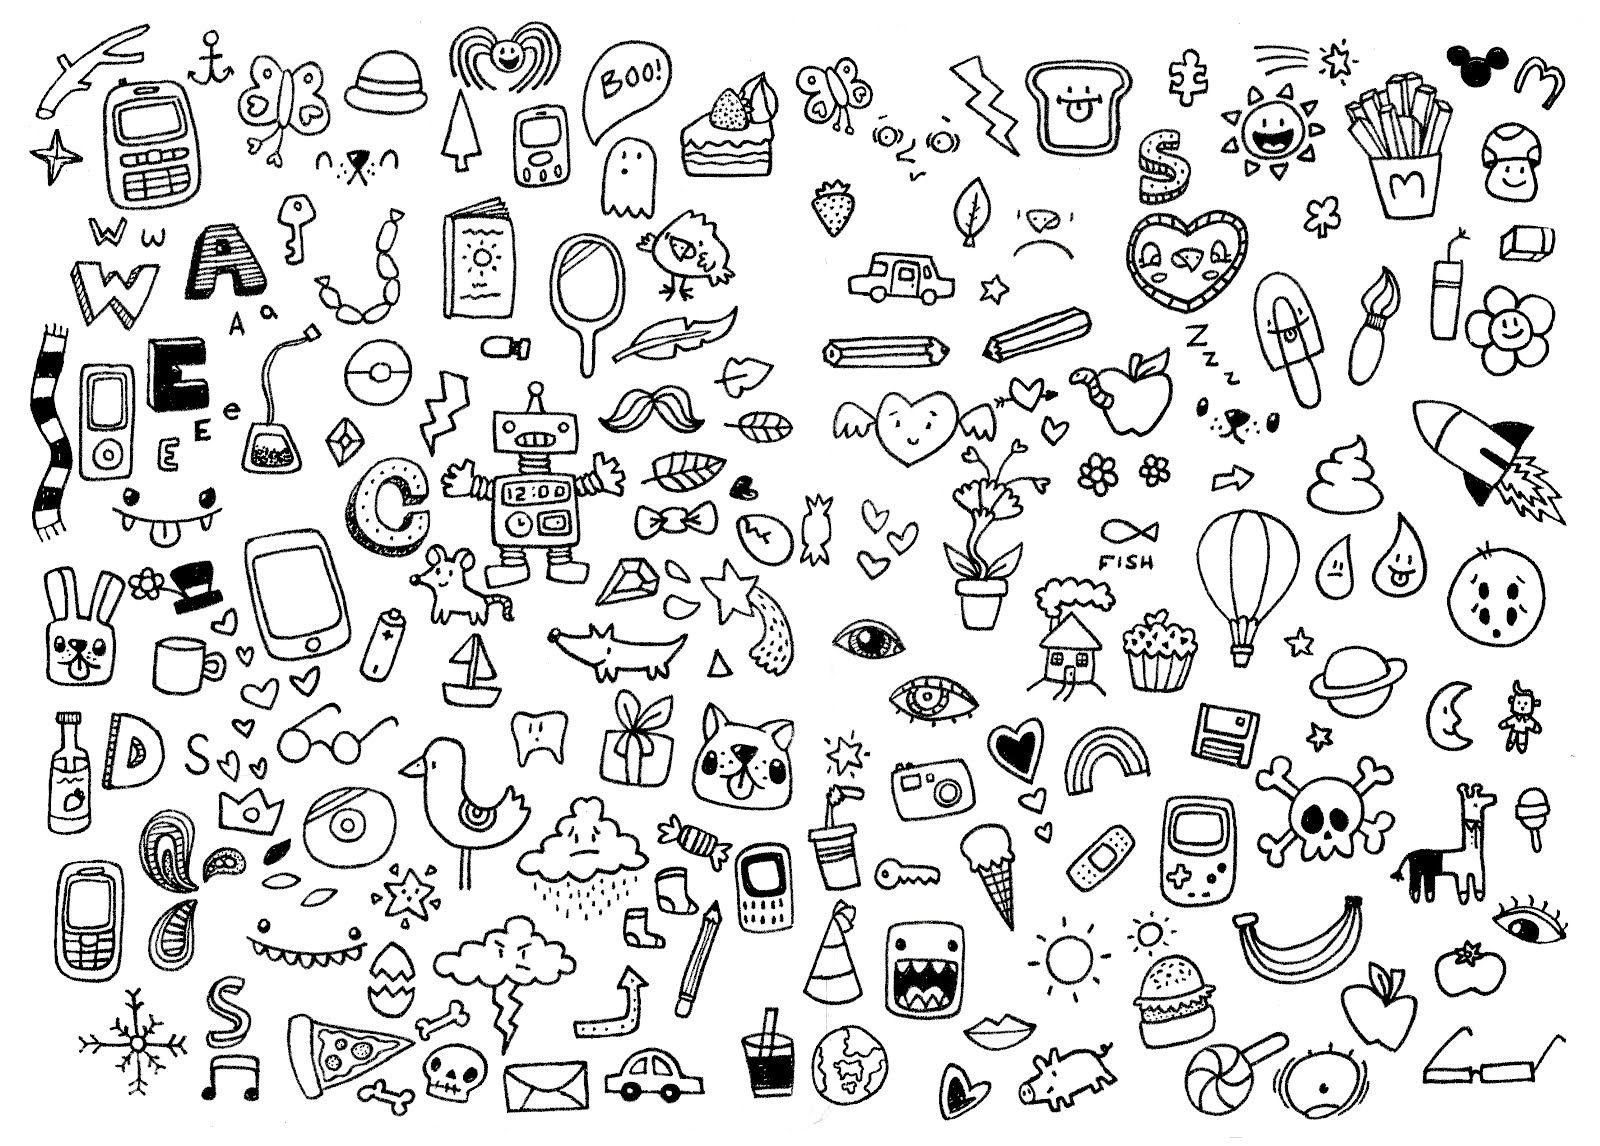 Doodles simple doodles cute easy doodles little doodles